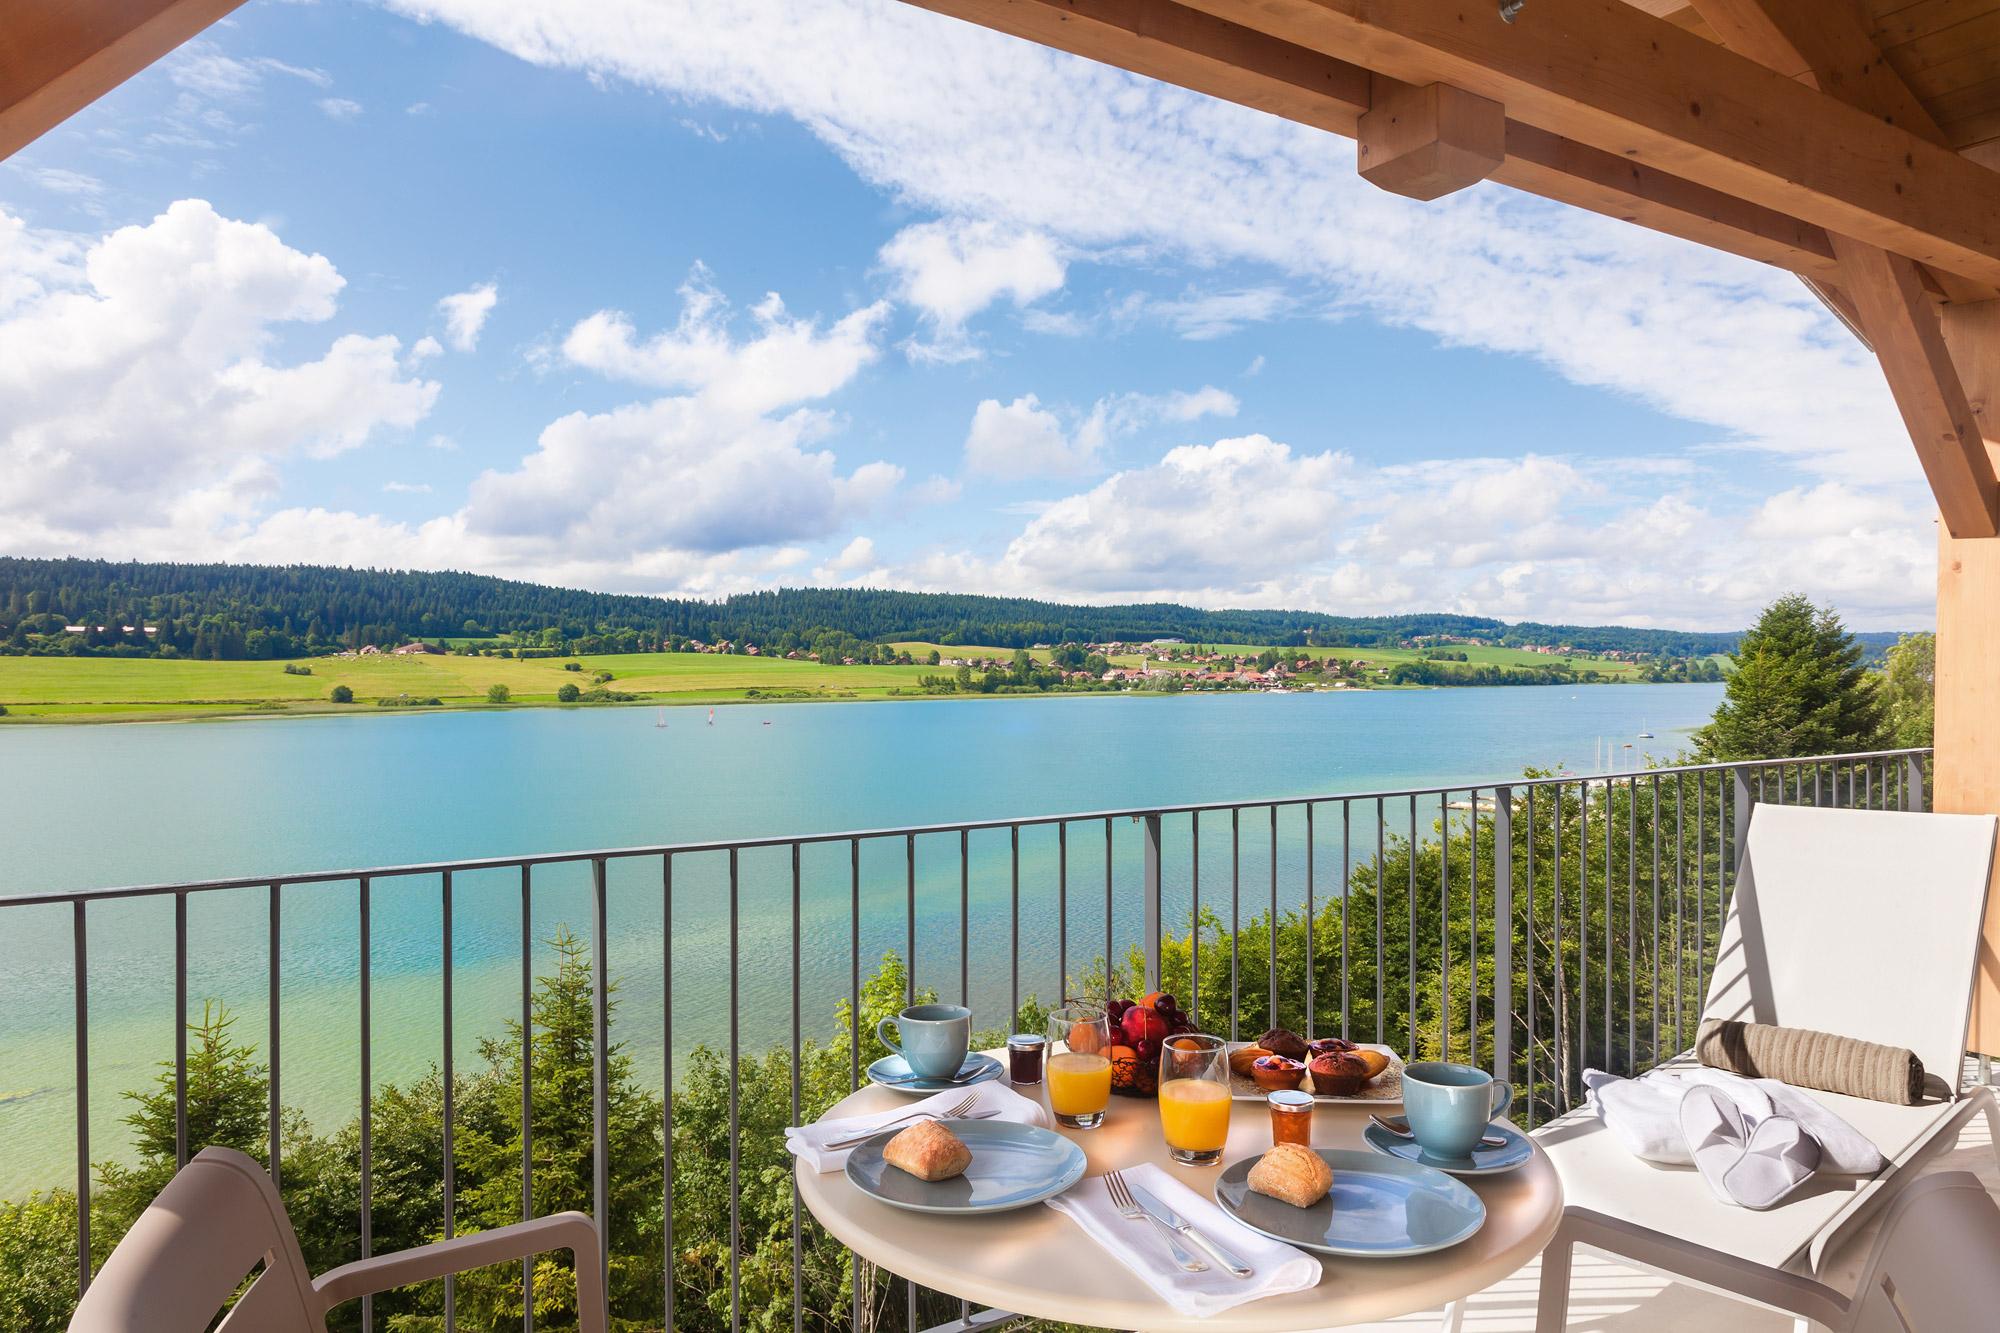 Petit-déjeuner convivial servi en terrasse avec vue splendide sur le Lac Saint Point